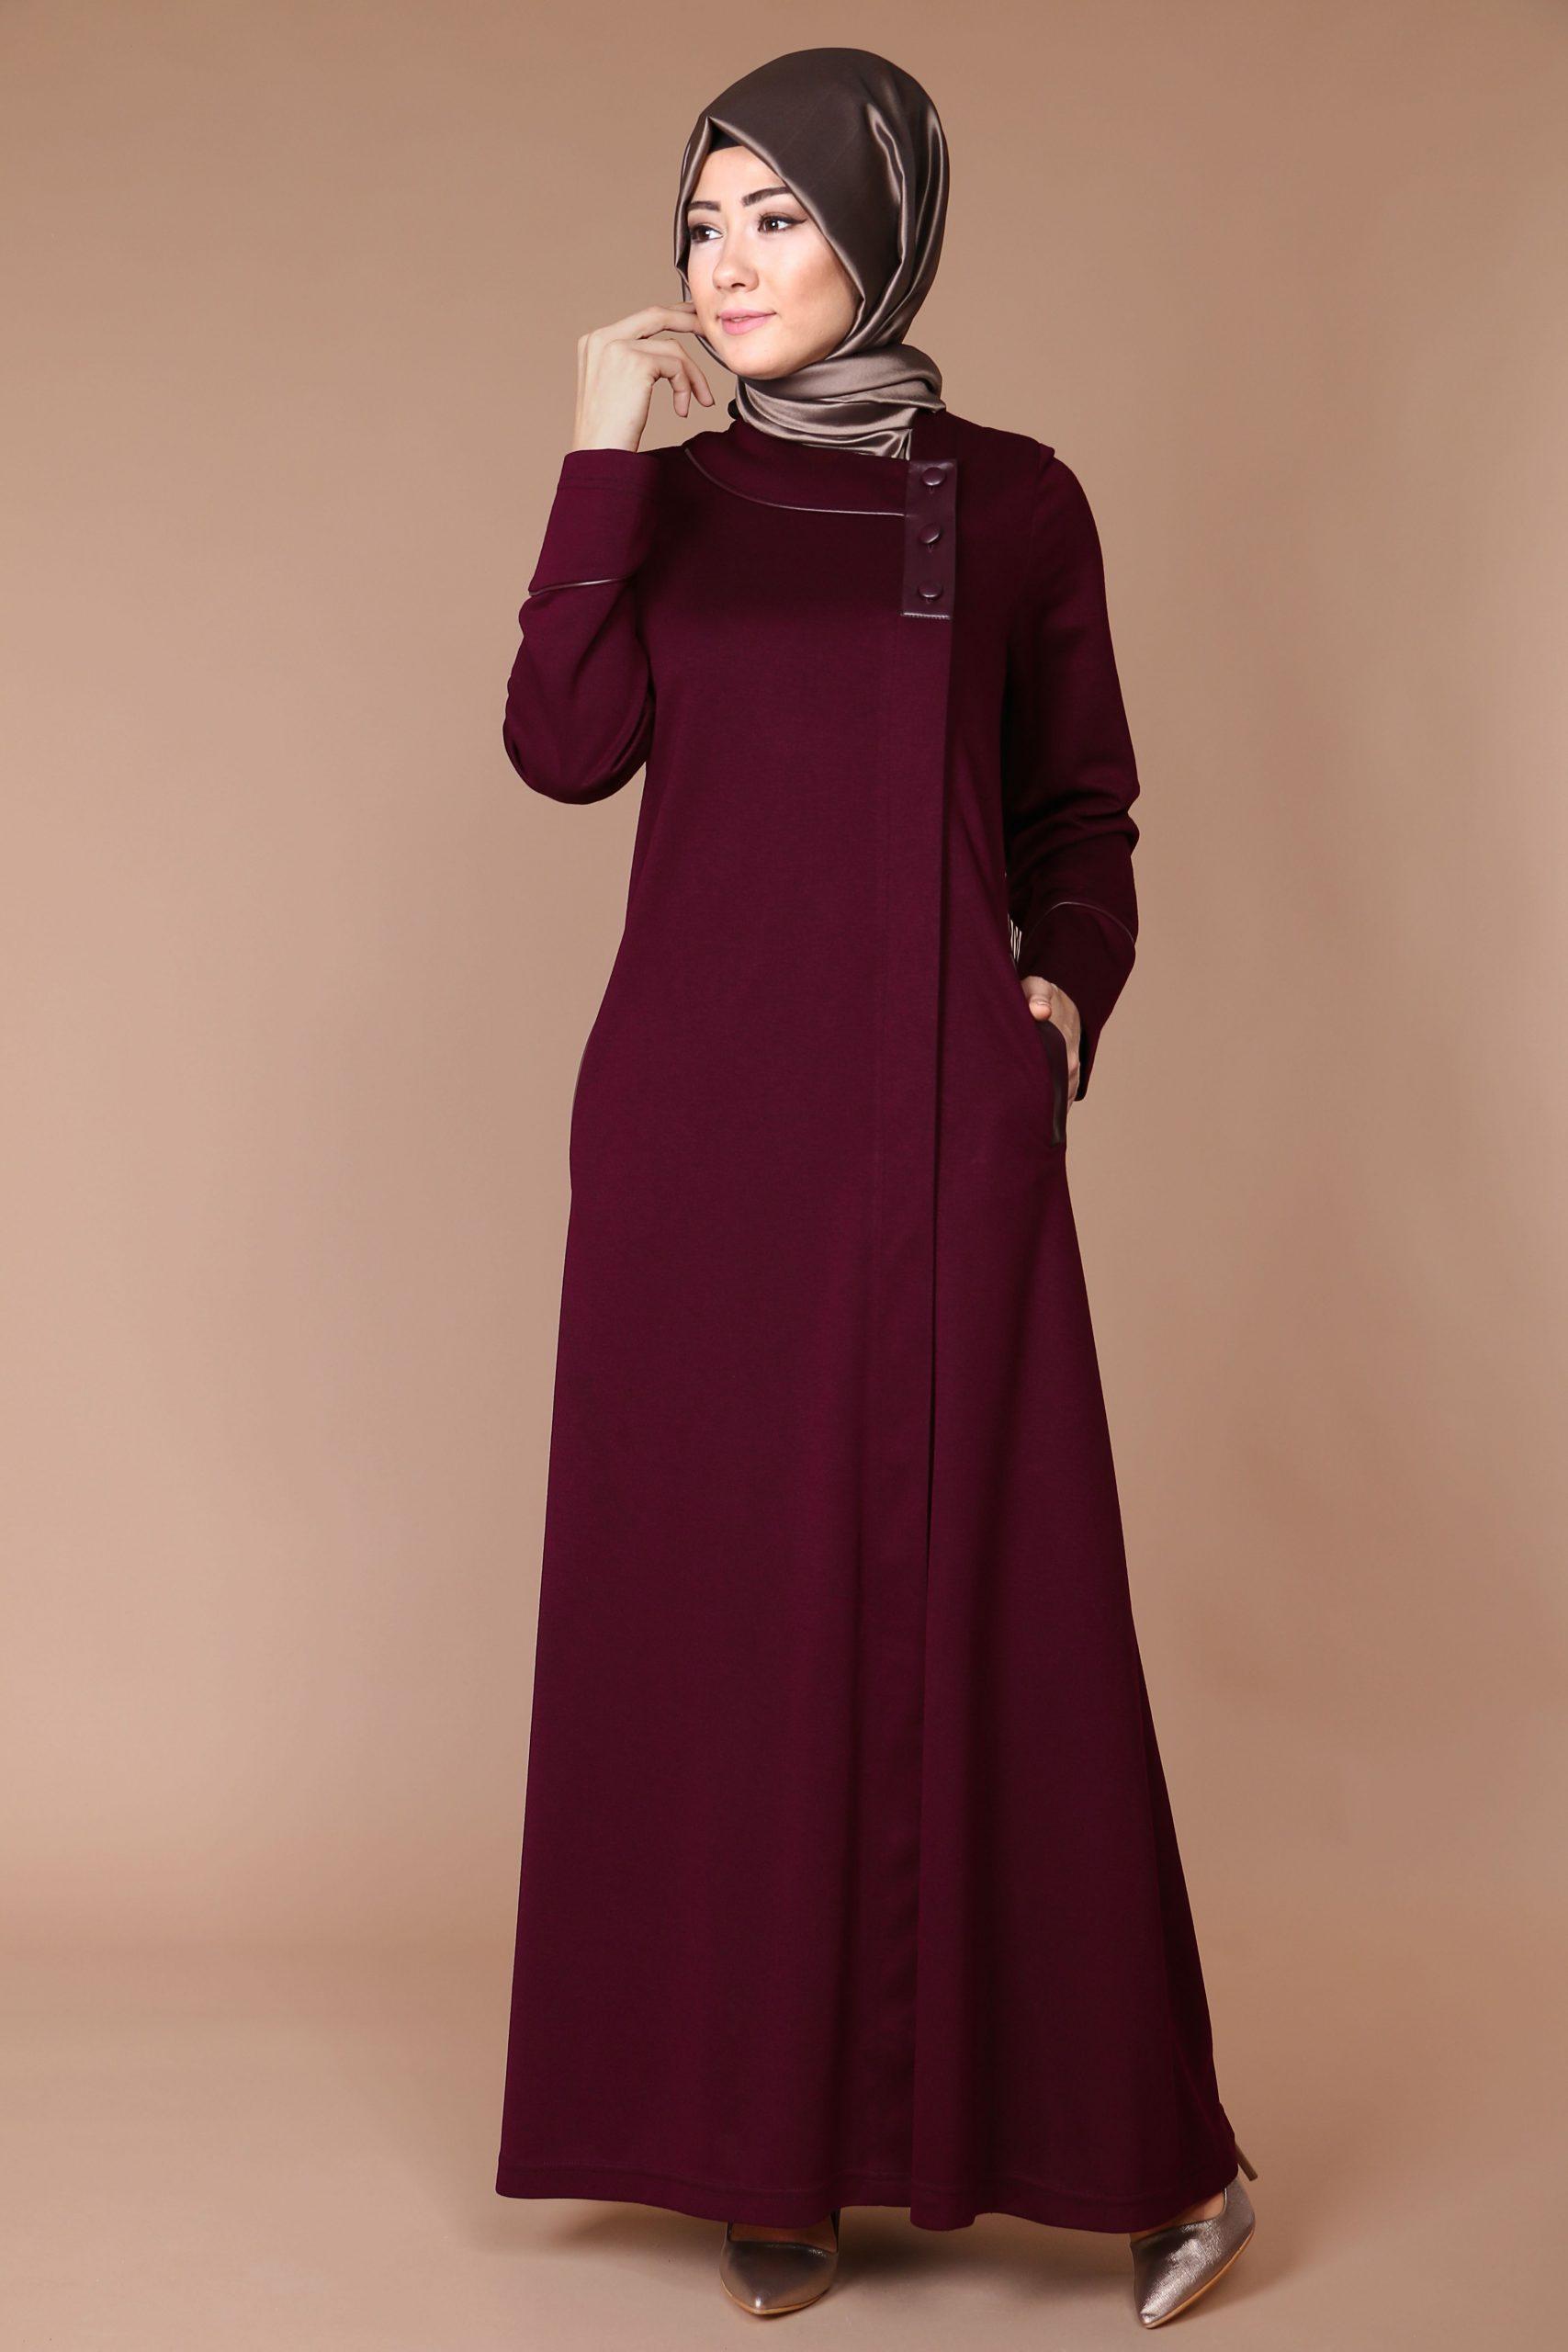 10 Ausgezeichnet Abend Dress Muslimah Spezialgebiet20 Schön Abend Dress Muslimah Stylish